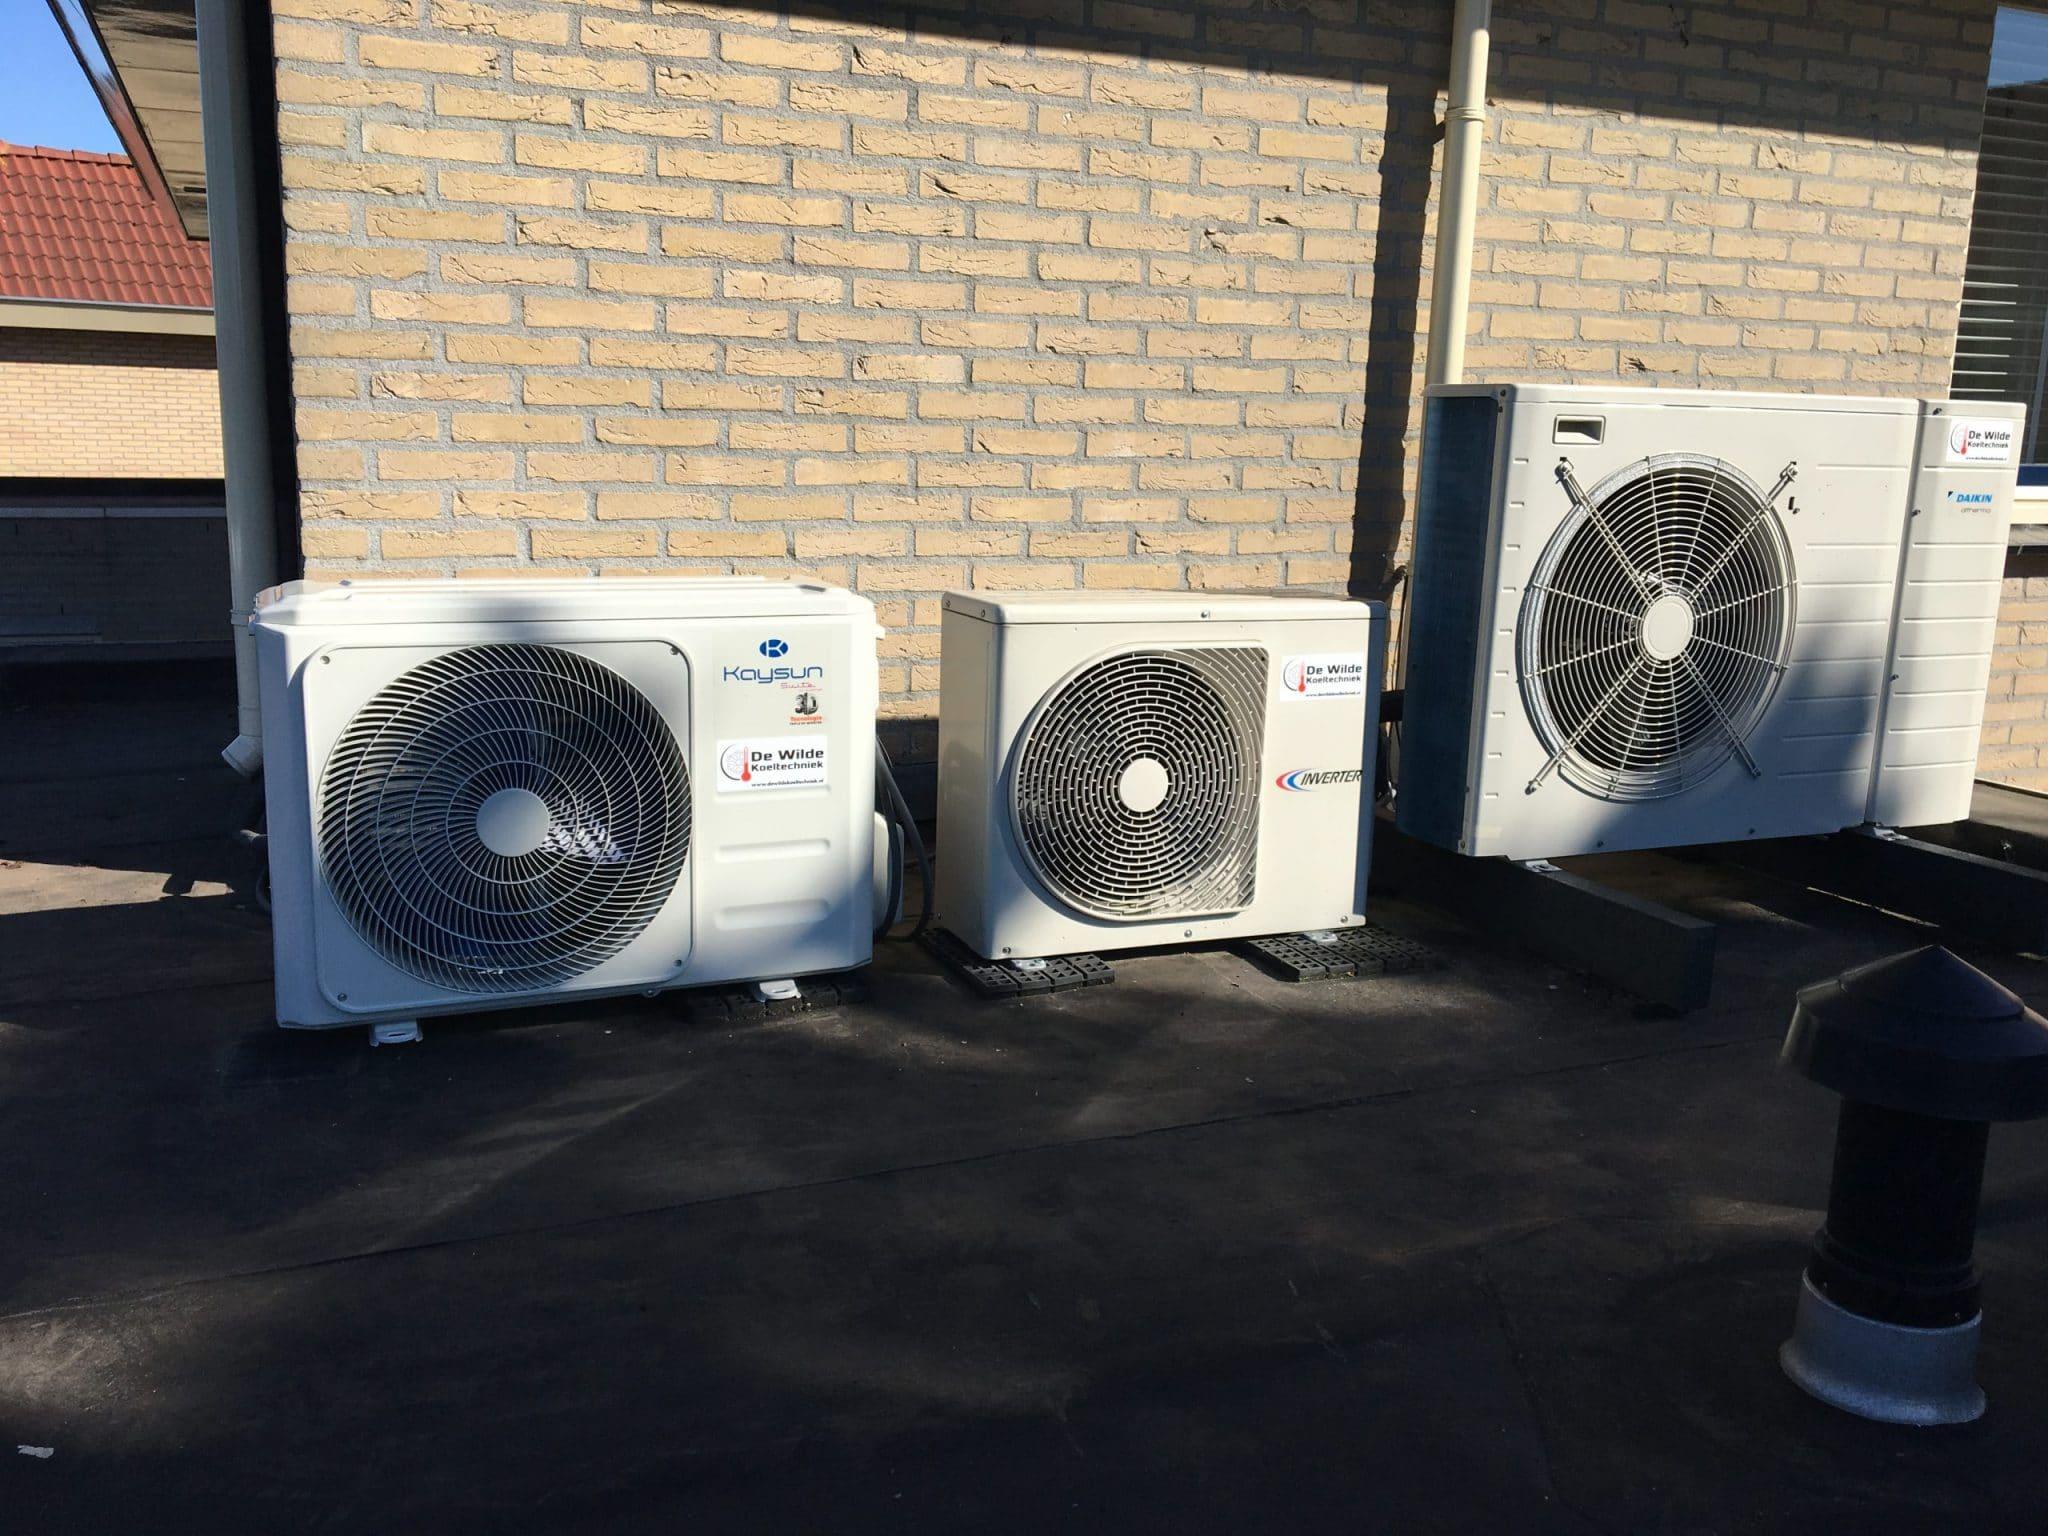 split unit   Airconditioning   De Wilde Koeltechniek   Tiel